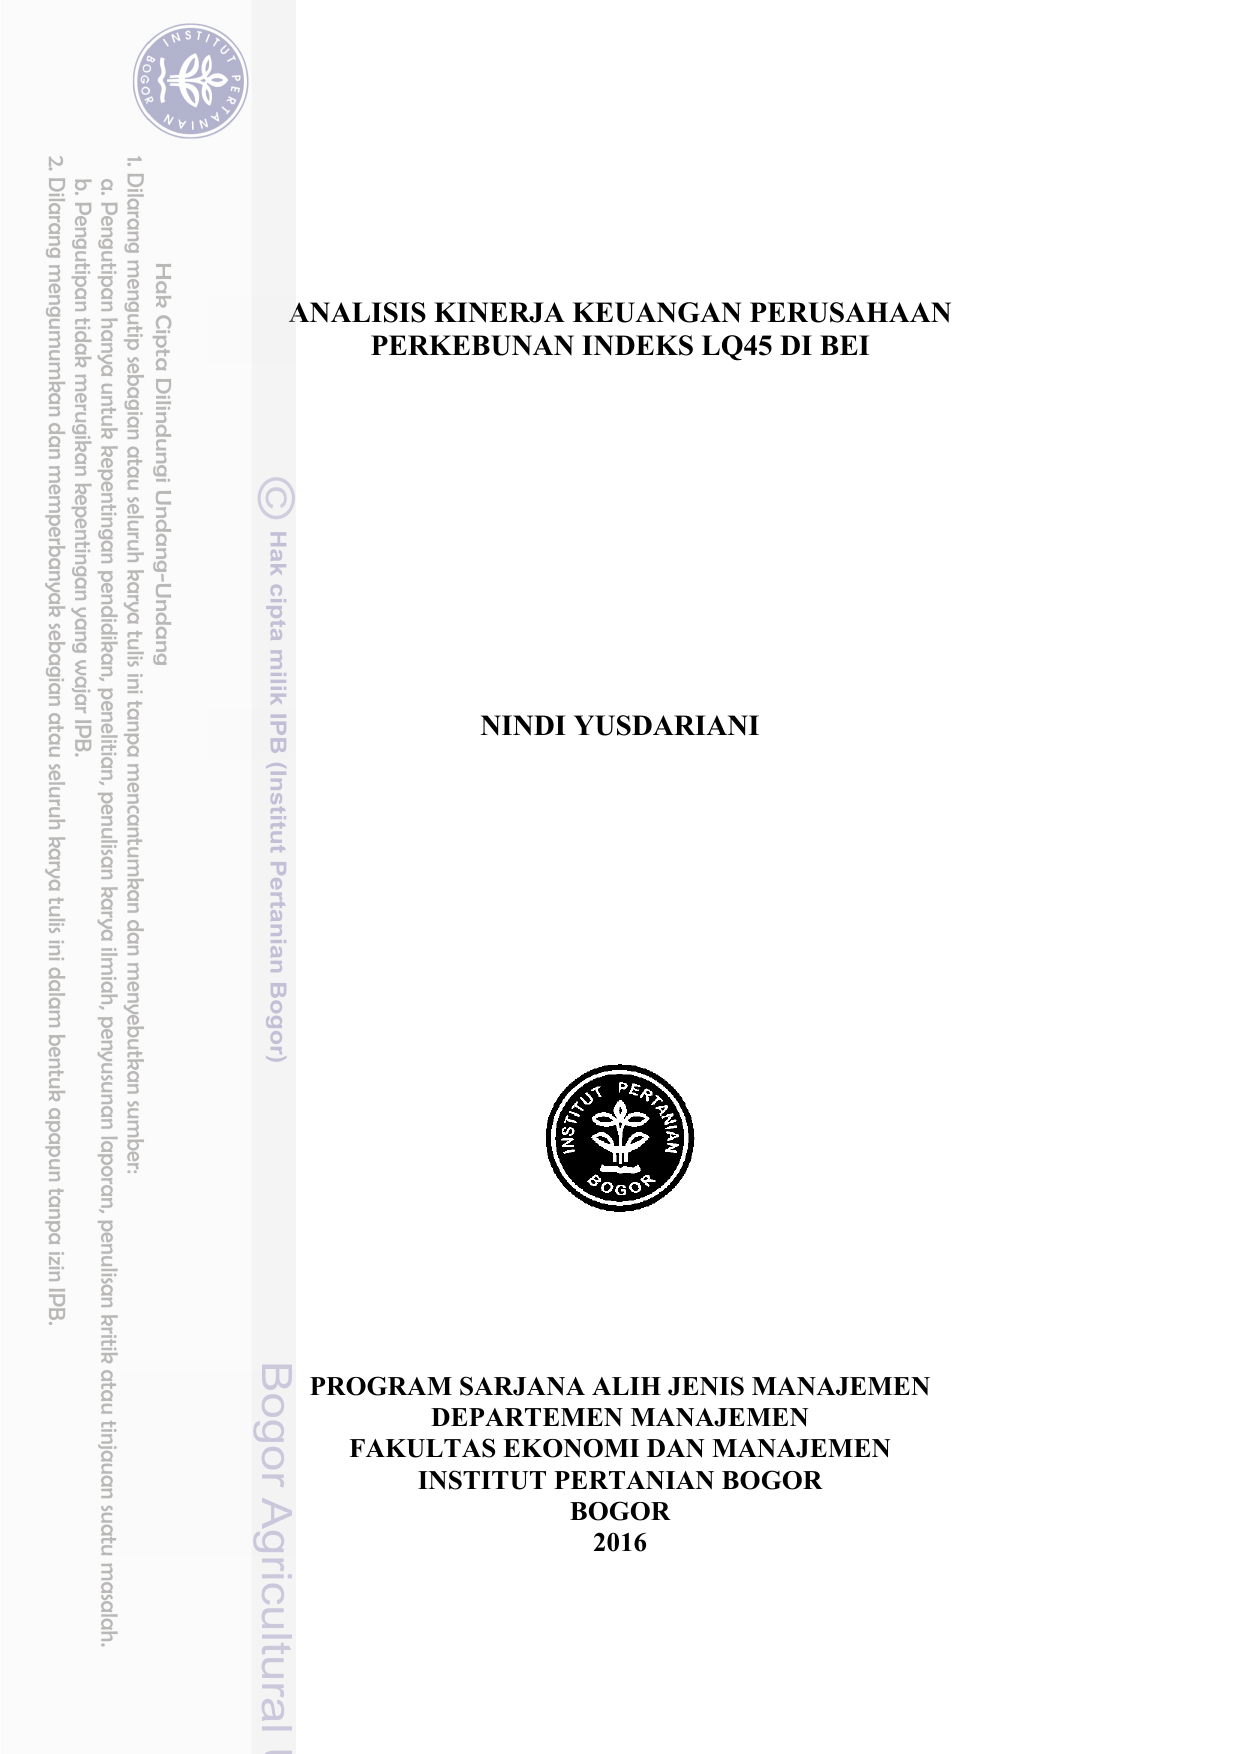 Nindi Yusdariani Analisis Kinerja Keuangan Perusahaan Perkebunan